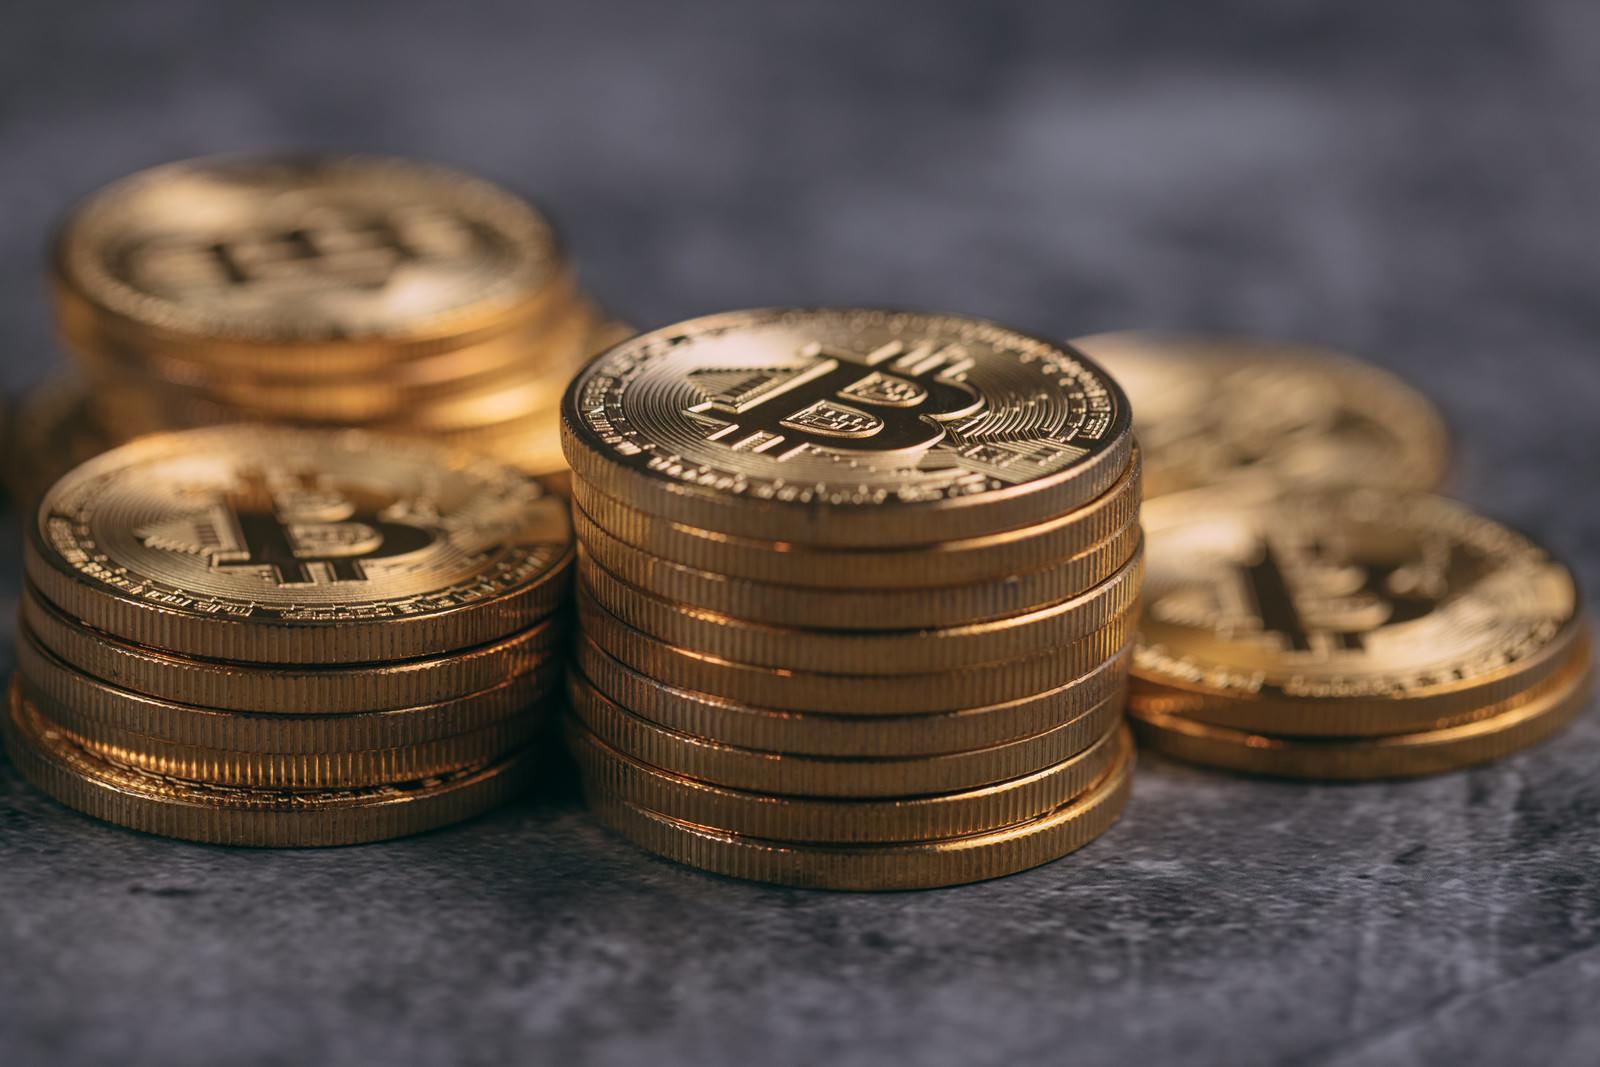 「BETされたビットコイン」の写真